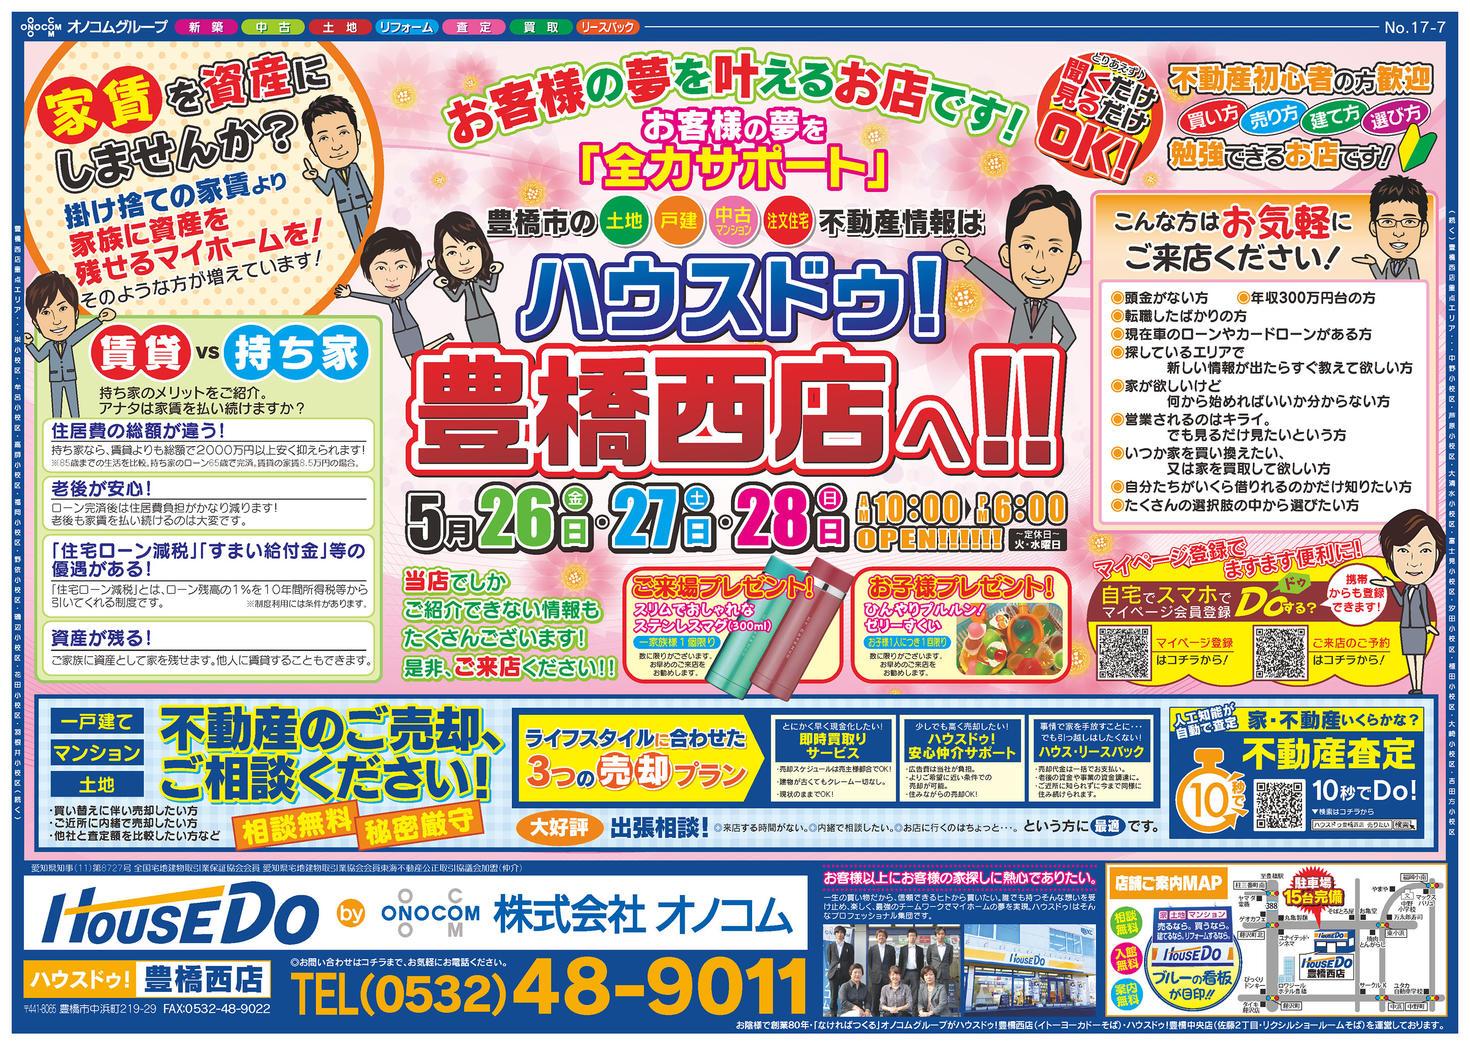 ☆☆豊橋西店 最新不動産チラシ 5月26日号☆☆